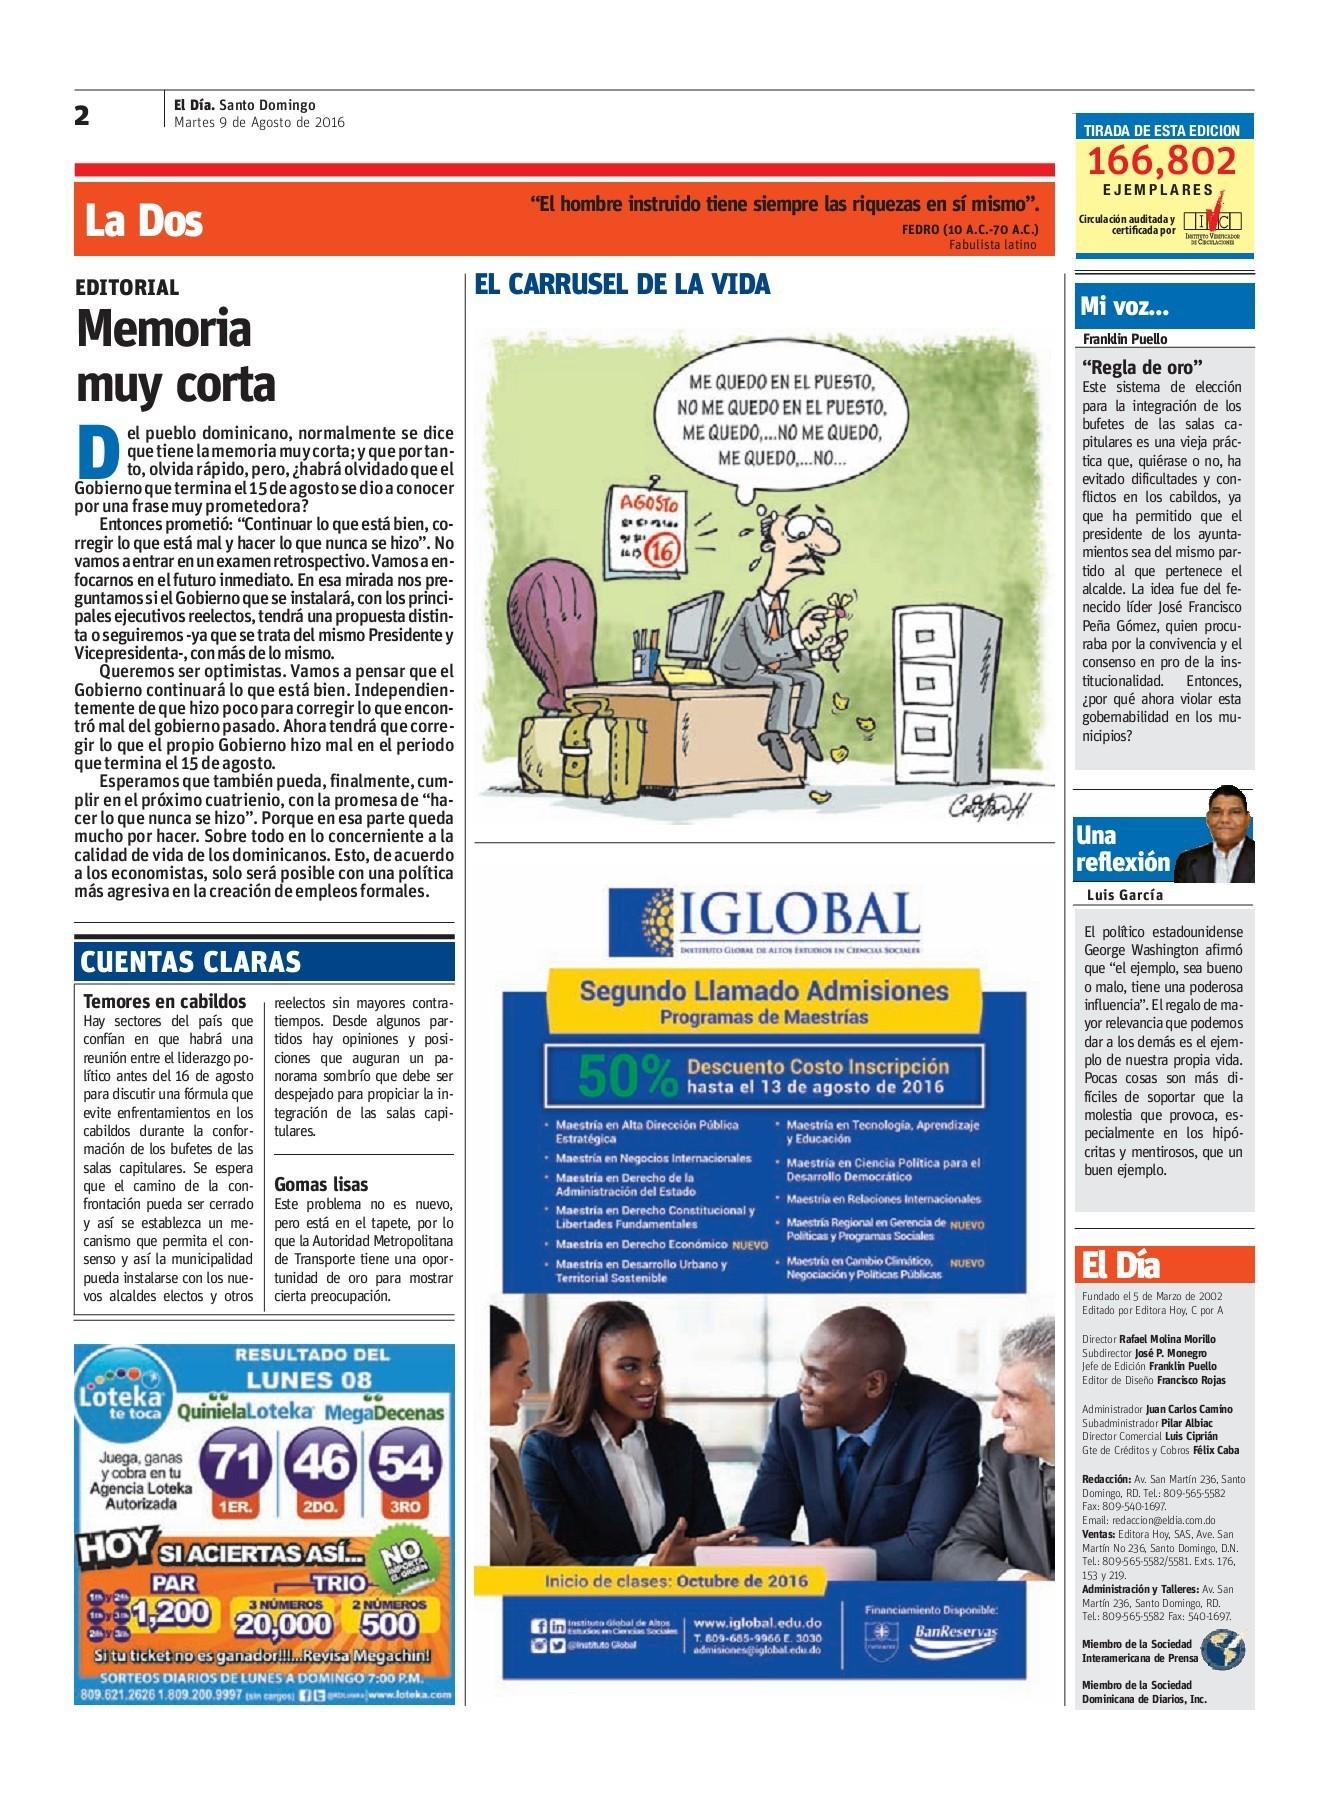 Calendario Xolombia 2019 Más Actual Edici³n Impresa 09 08 2016 Pages 1 40 Text Version